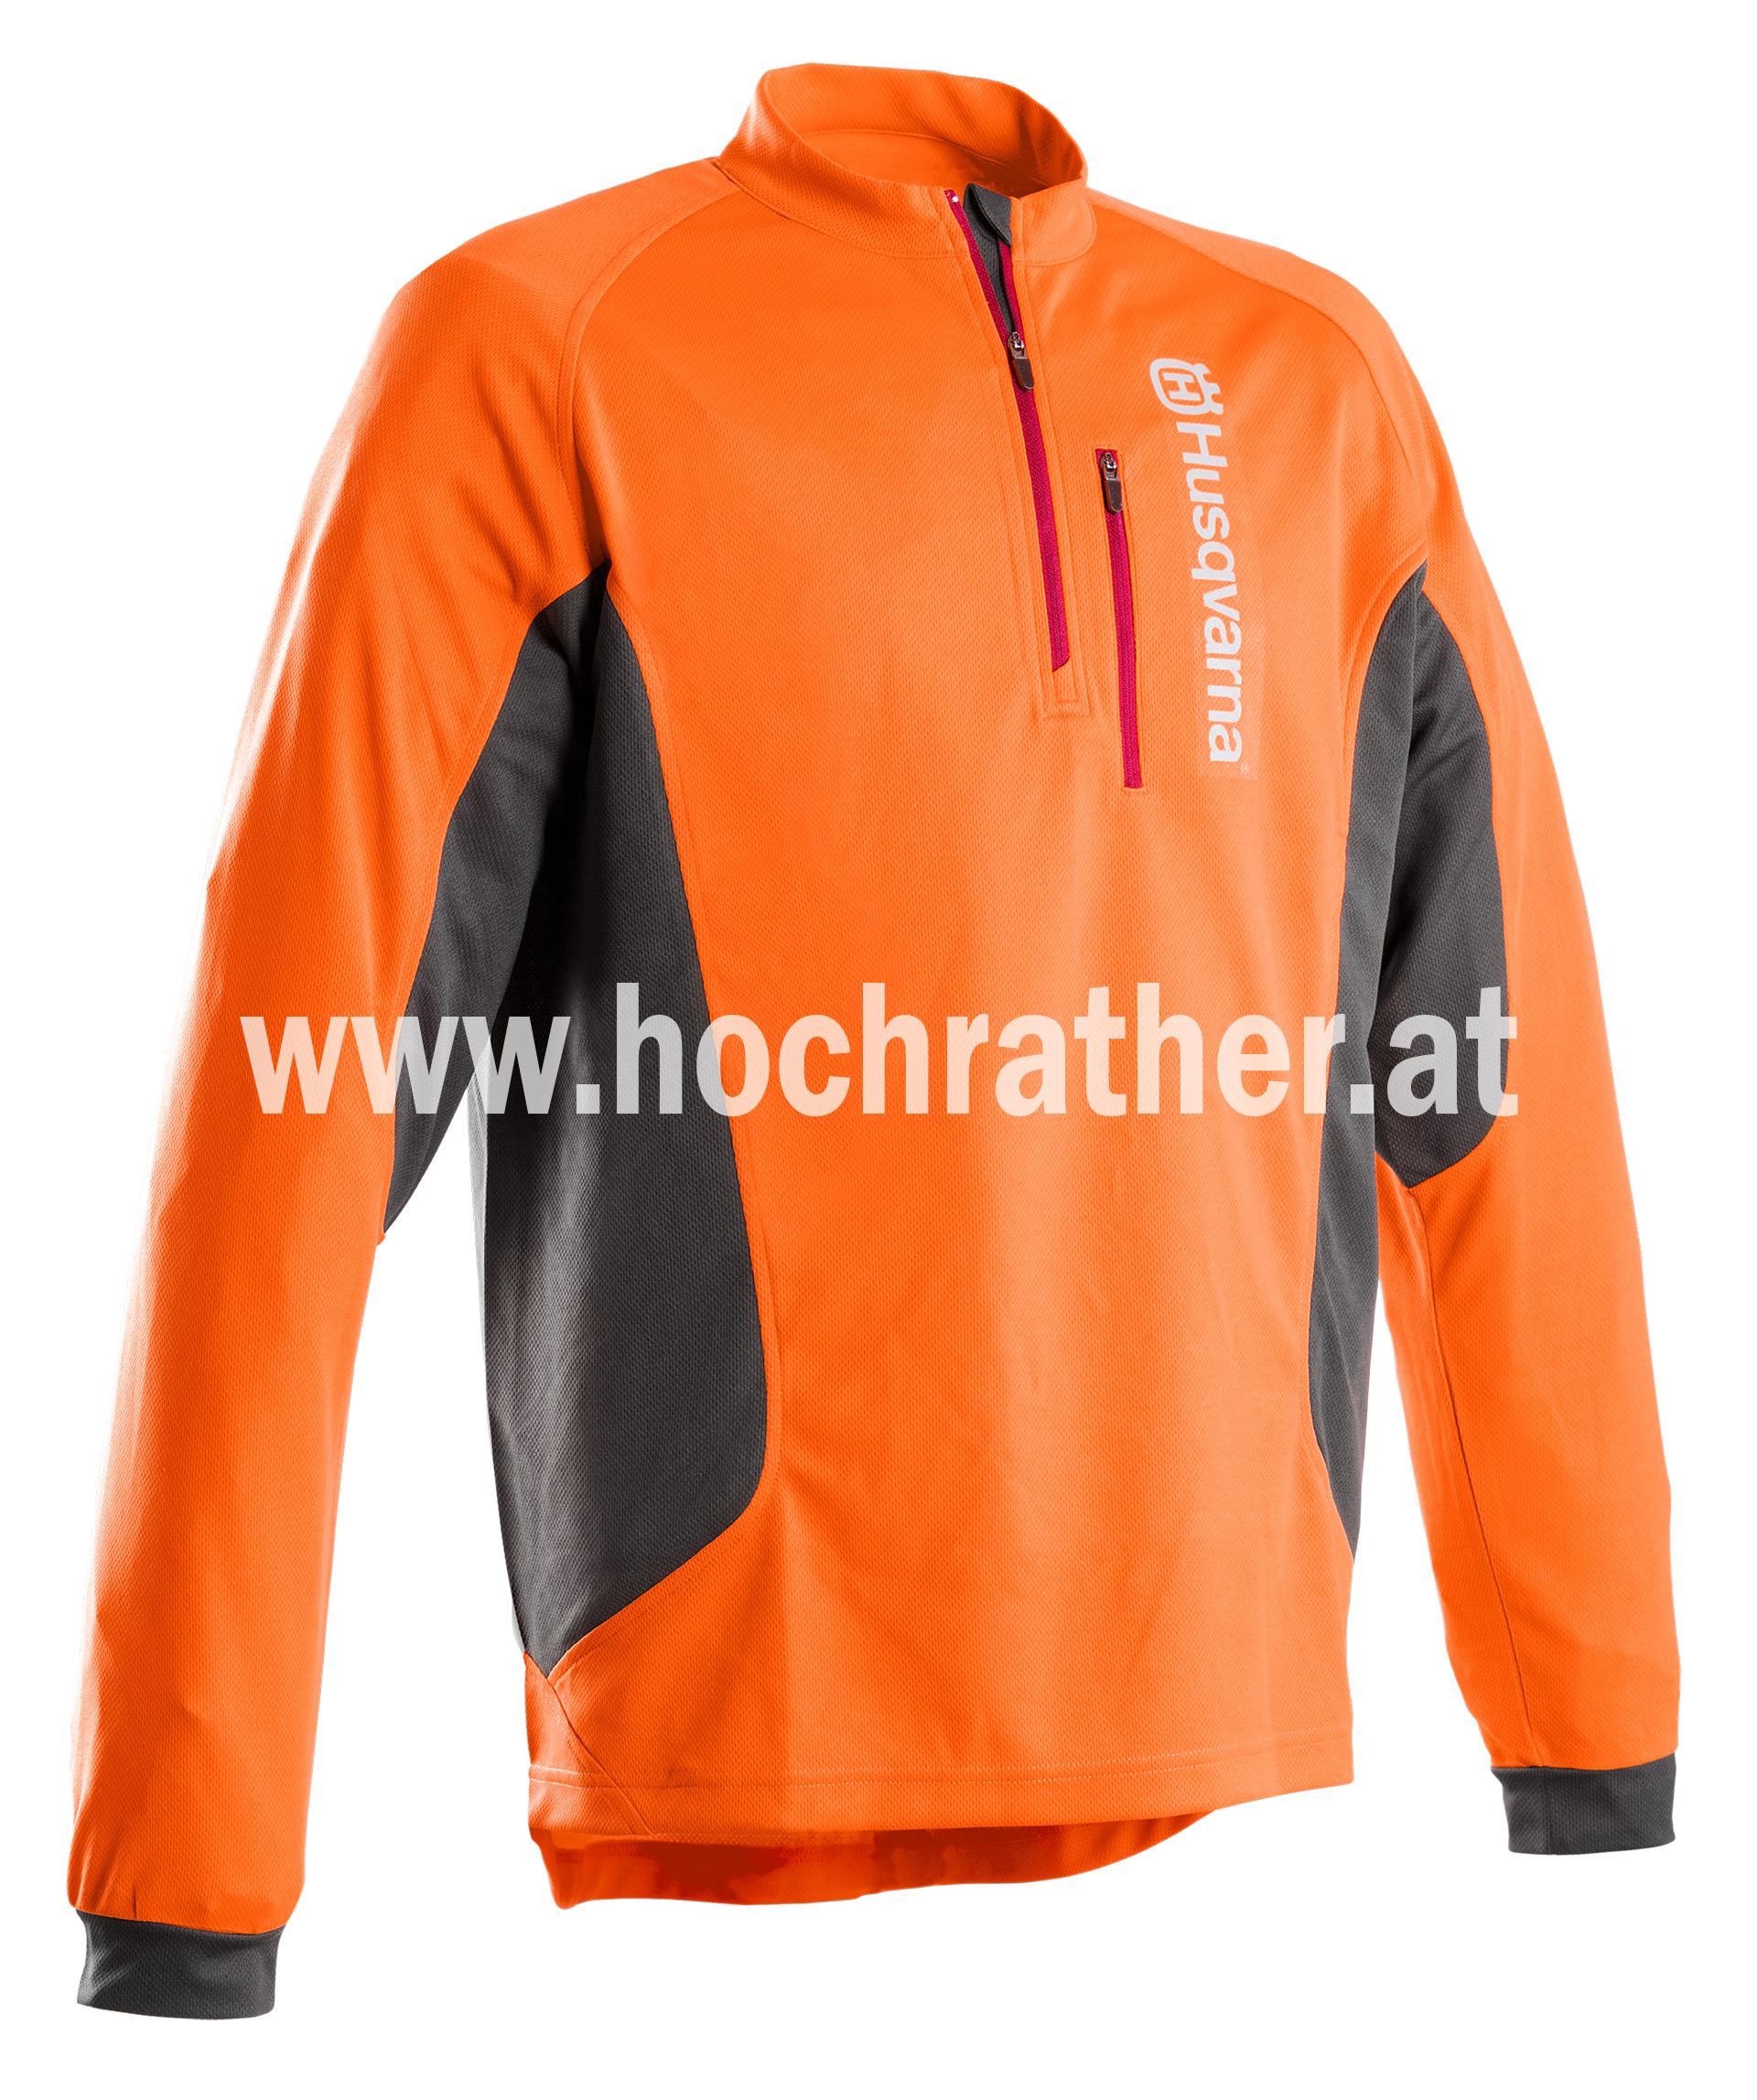 T-Shirt Technical Long Sleeve (501720350) Husqvarna